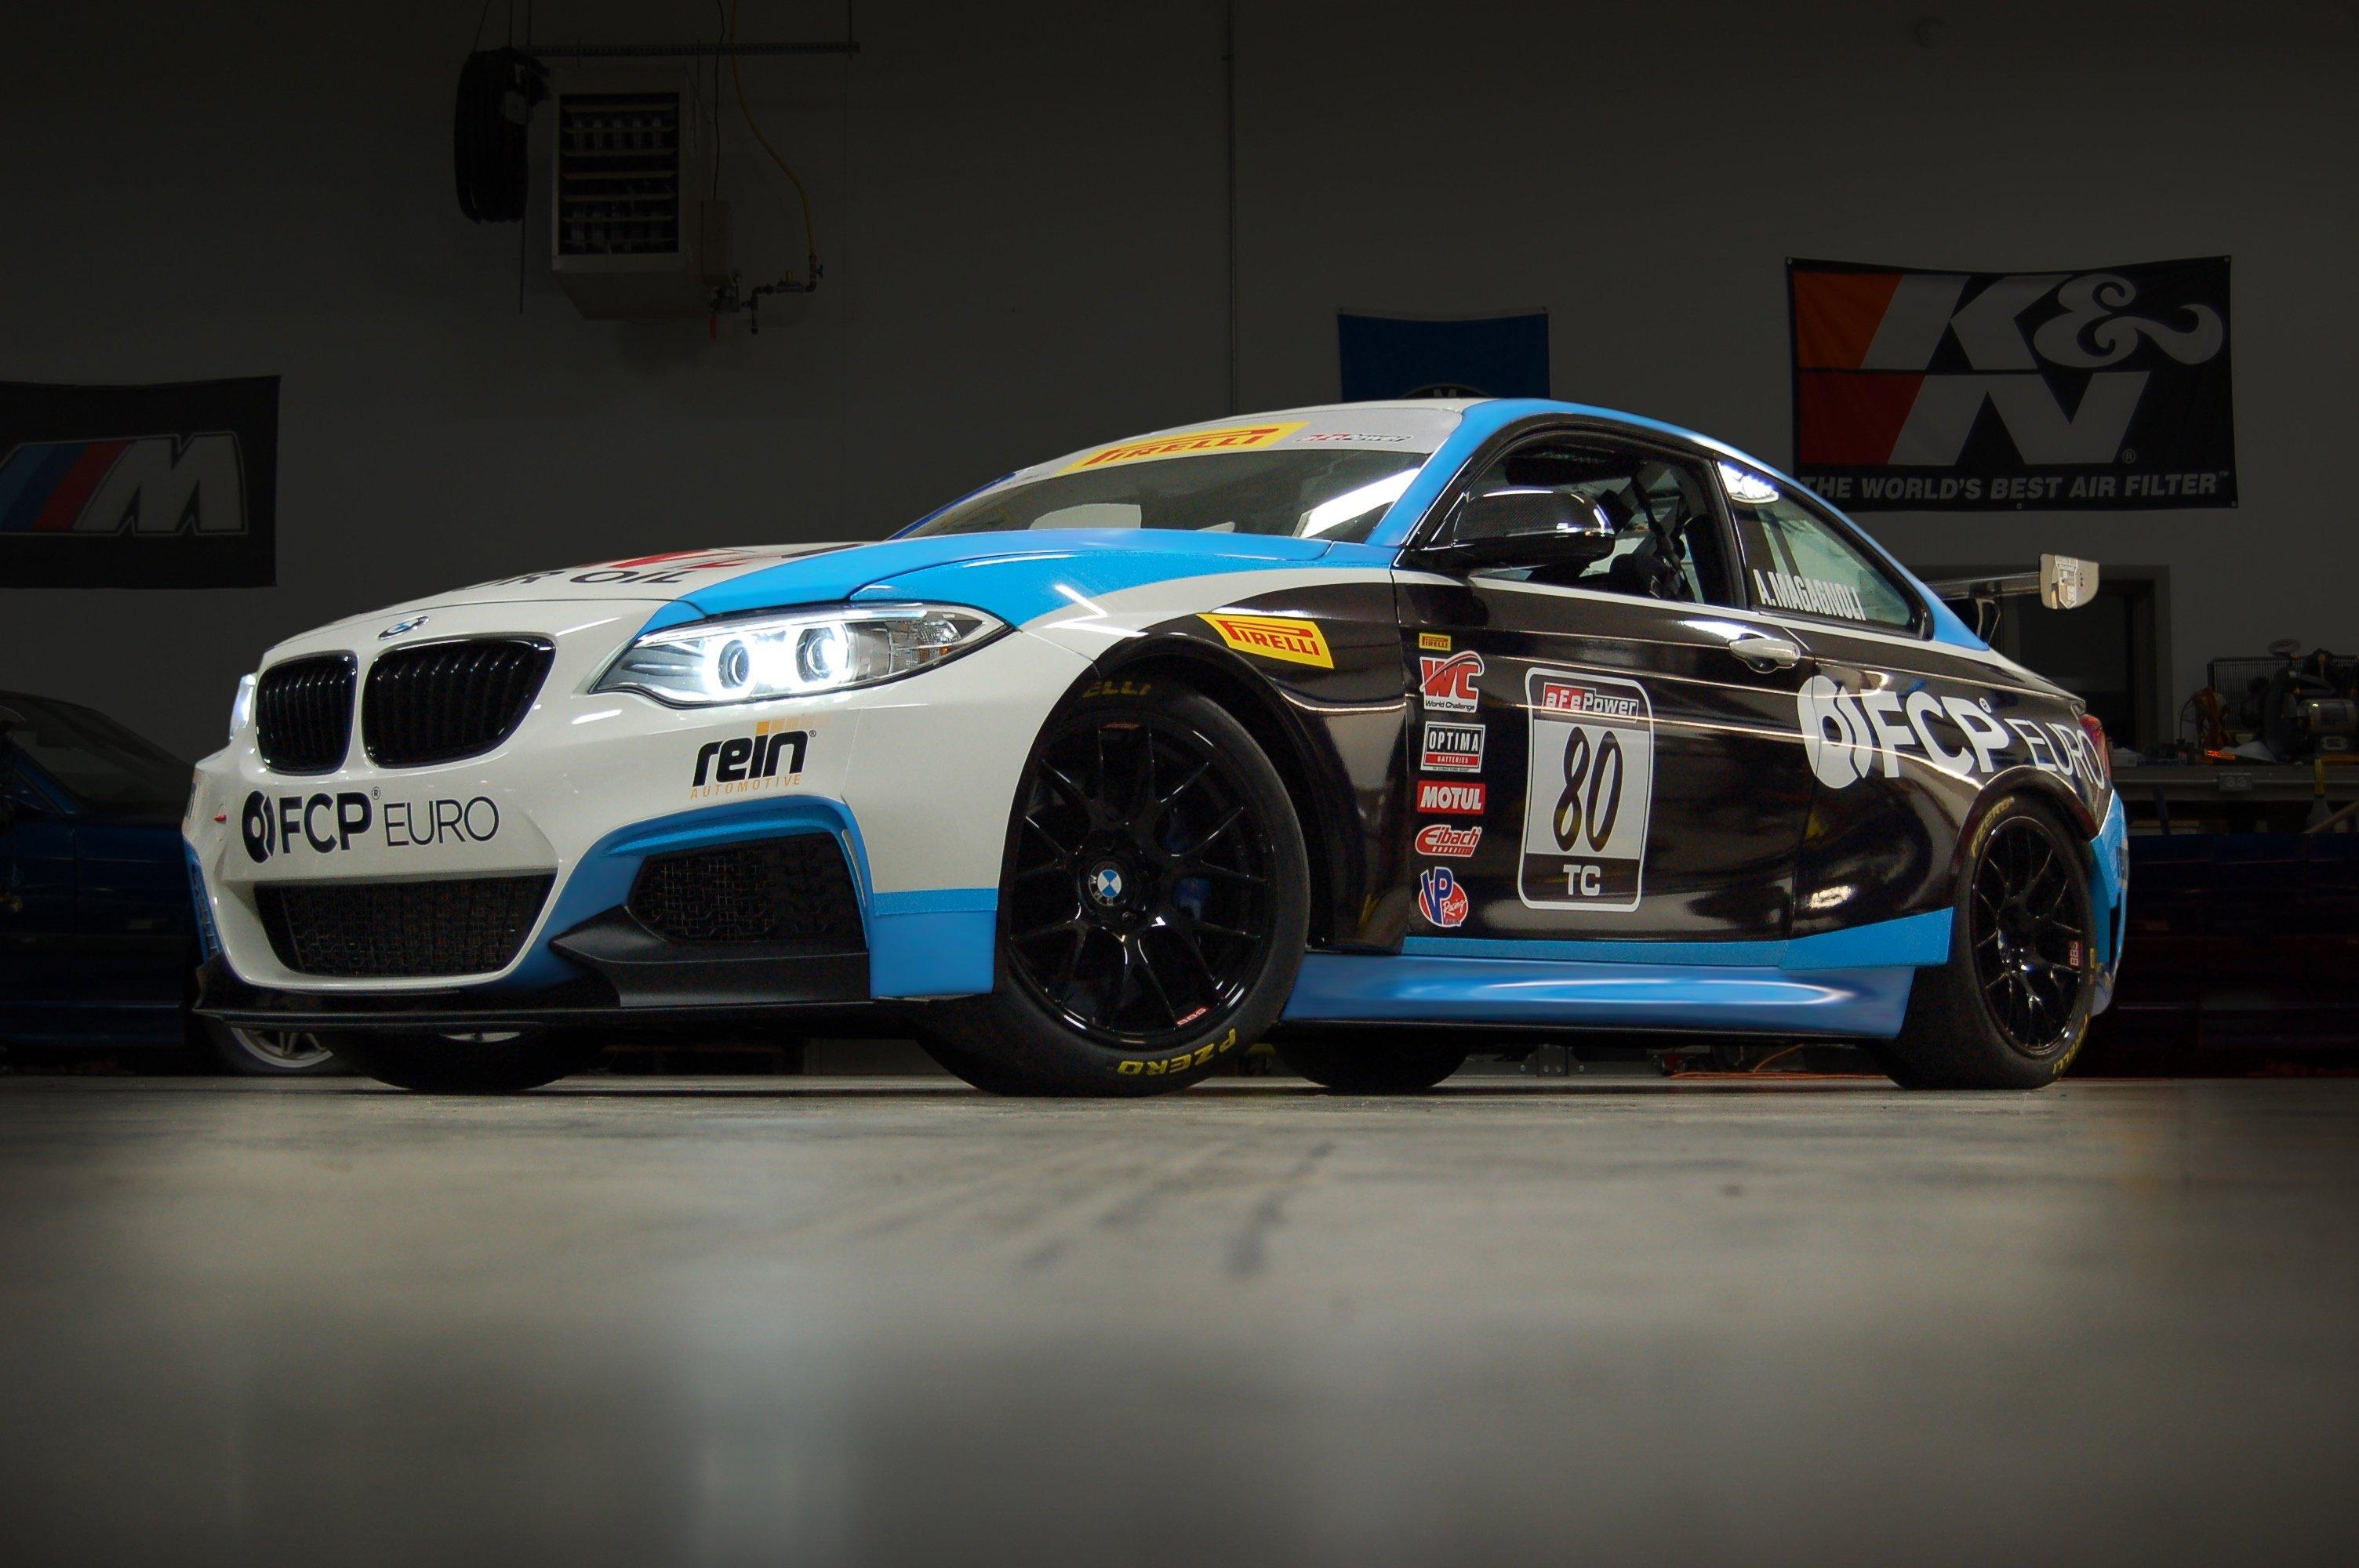 Rein-Automotive-fcp-euro-pirelli-world-challenge-m235ir-2